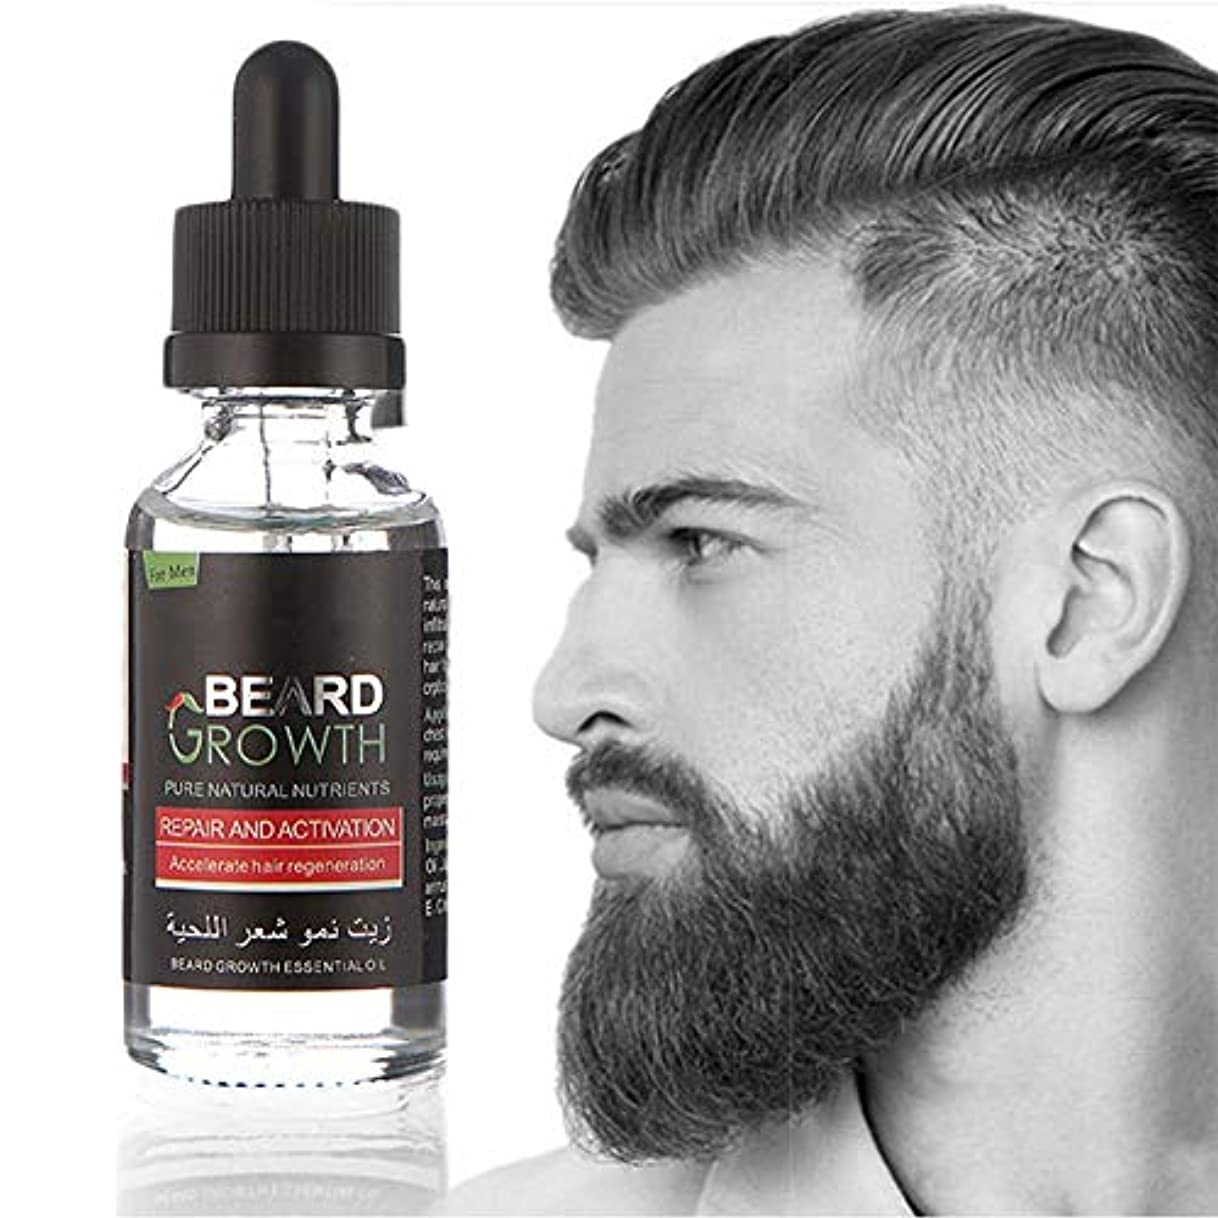 商業の一過性オーナメントひげ油 オイル 男性の髭ケア ひげの成長 100% ナチュラル オーガニック 植物油 ヘア コンディショナー 育毛 トニック 眉毛 増毛 育毛ソリューション